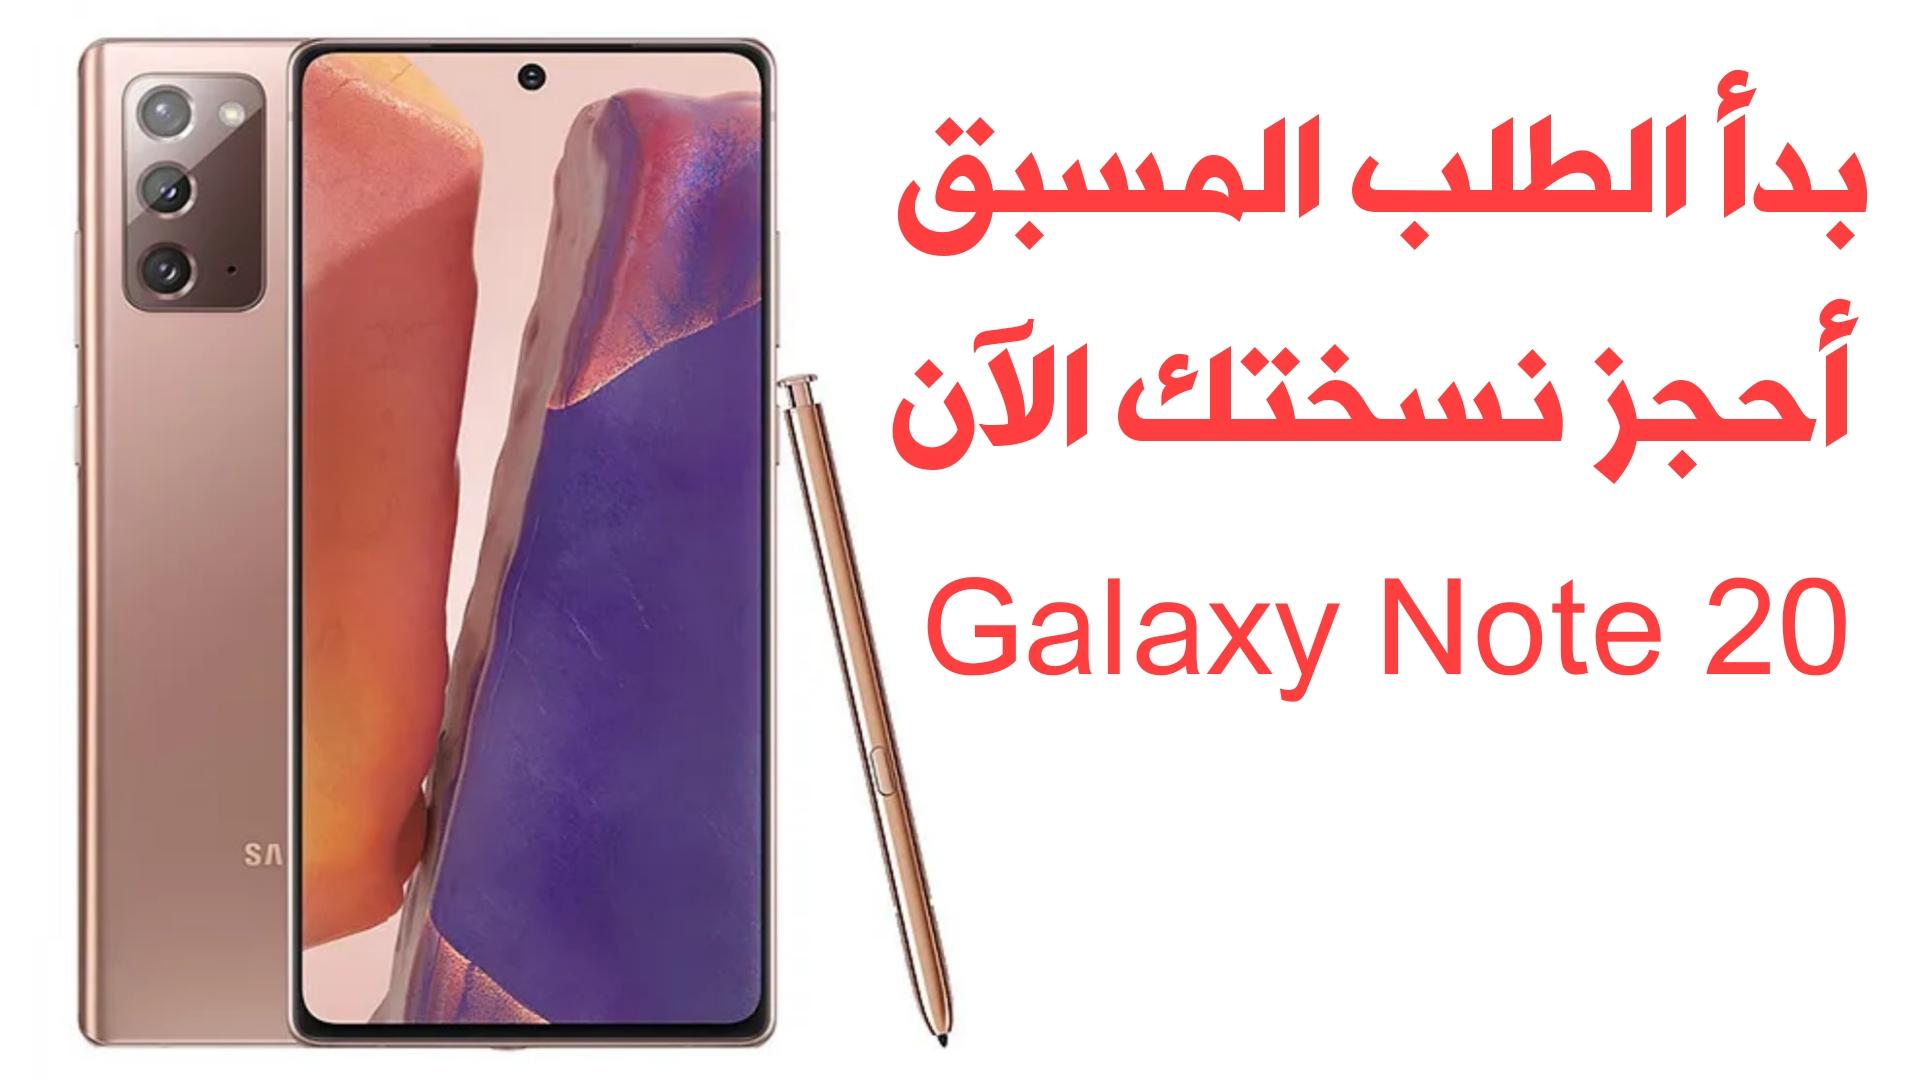 الطلب المسبق على هاتف Galaxy Note 20 قد بدأ قبل الأعلان الرسمي